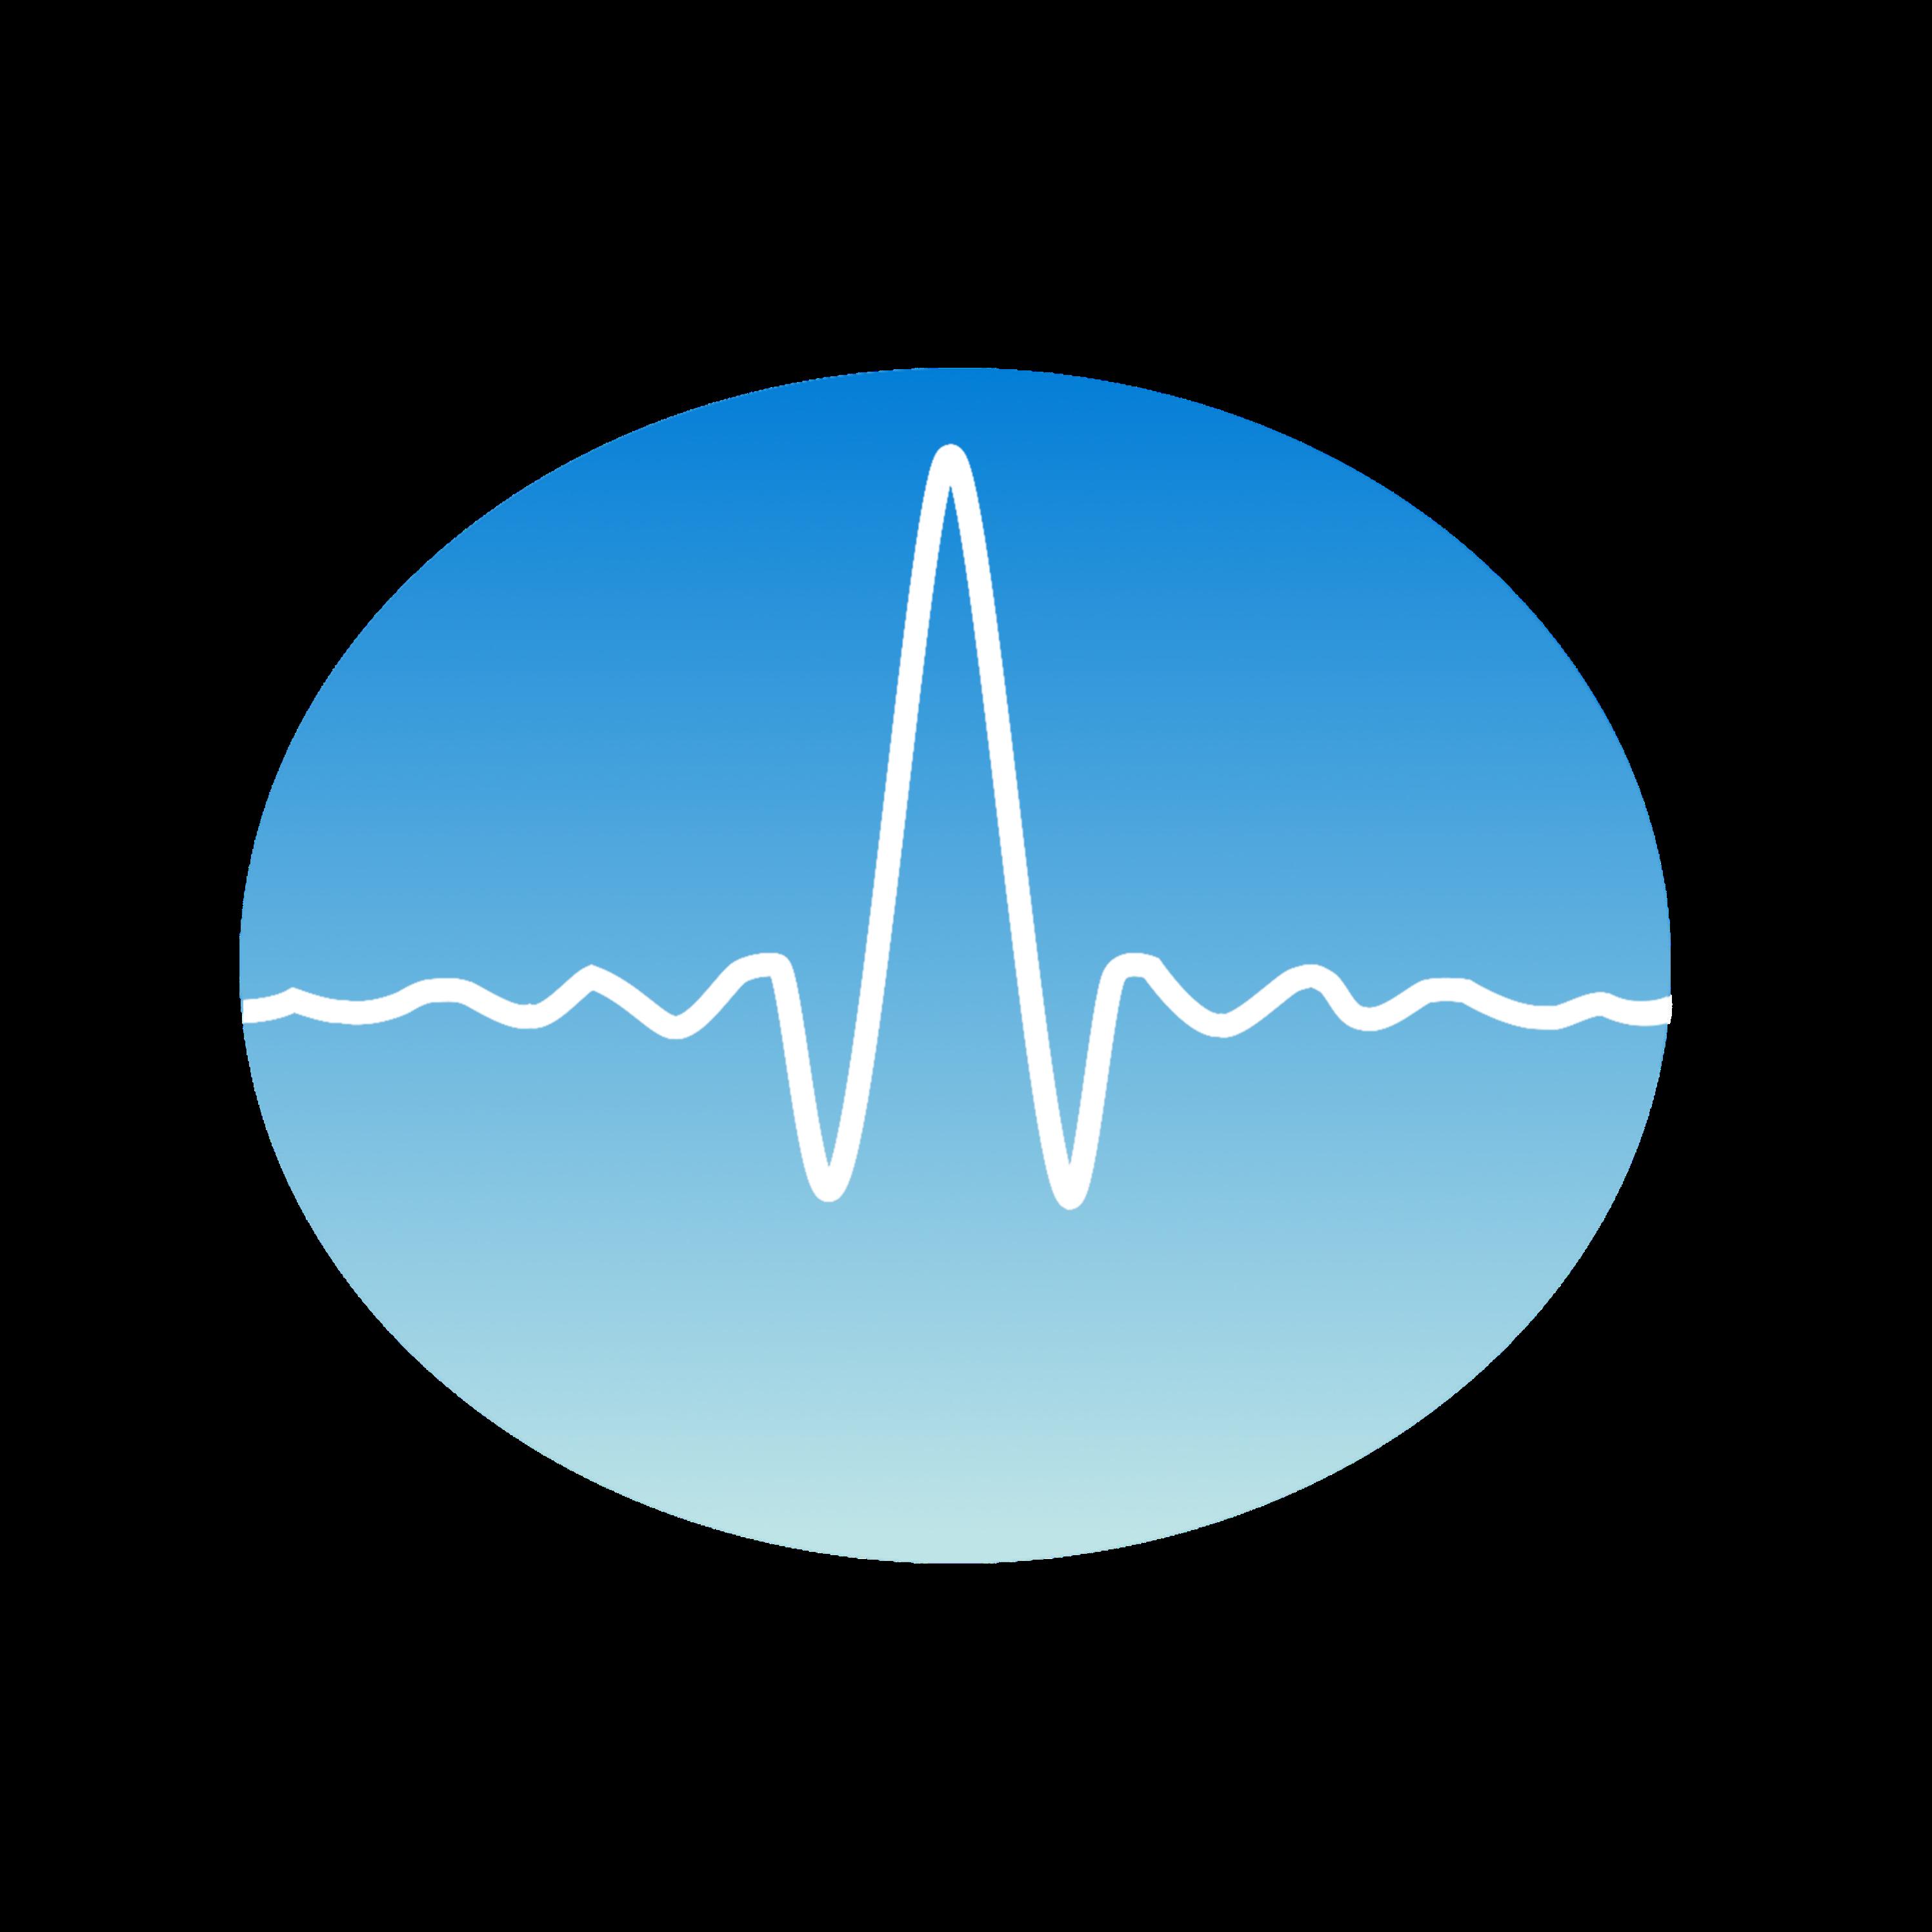 GII - Seismic